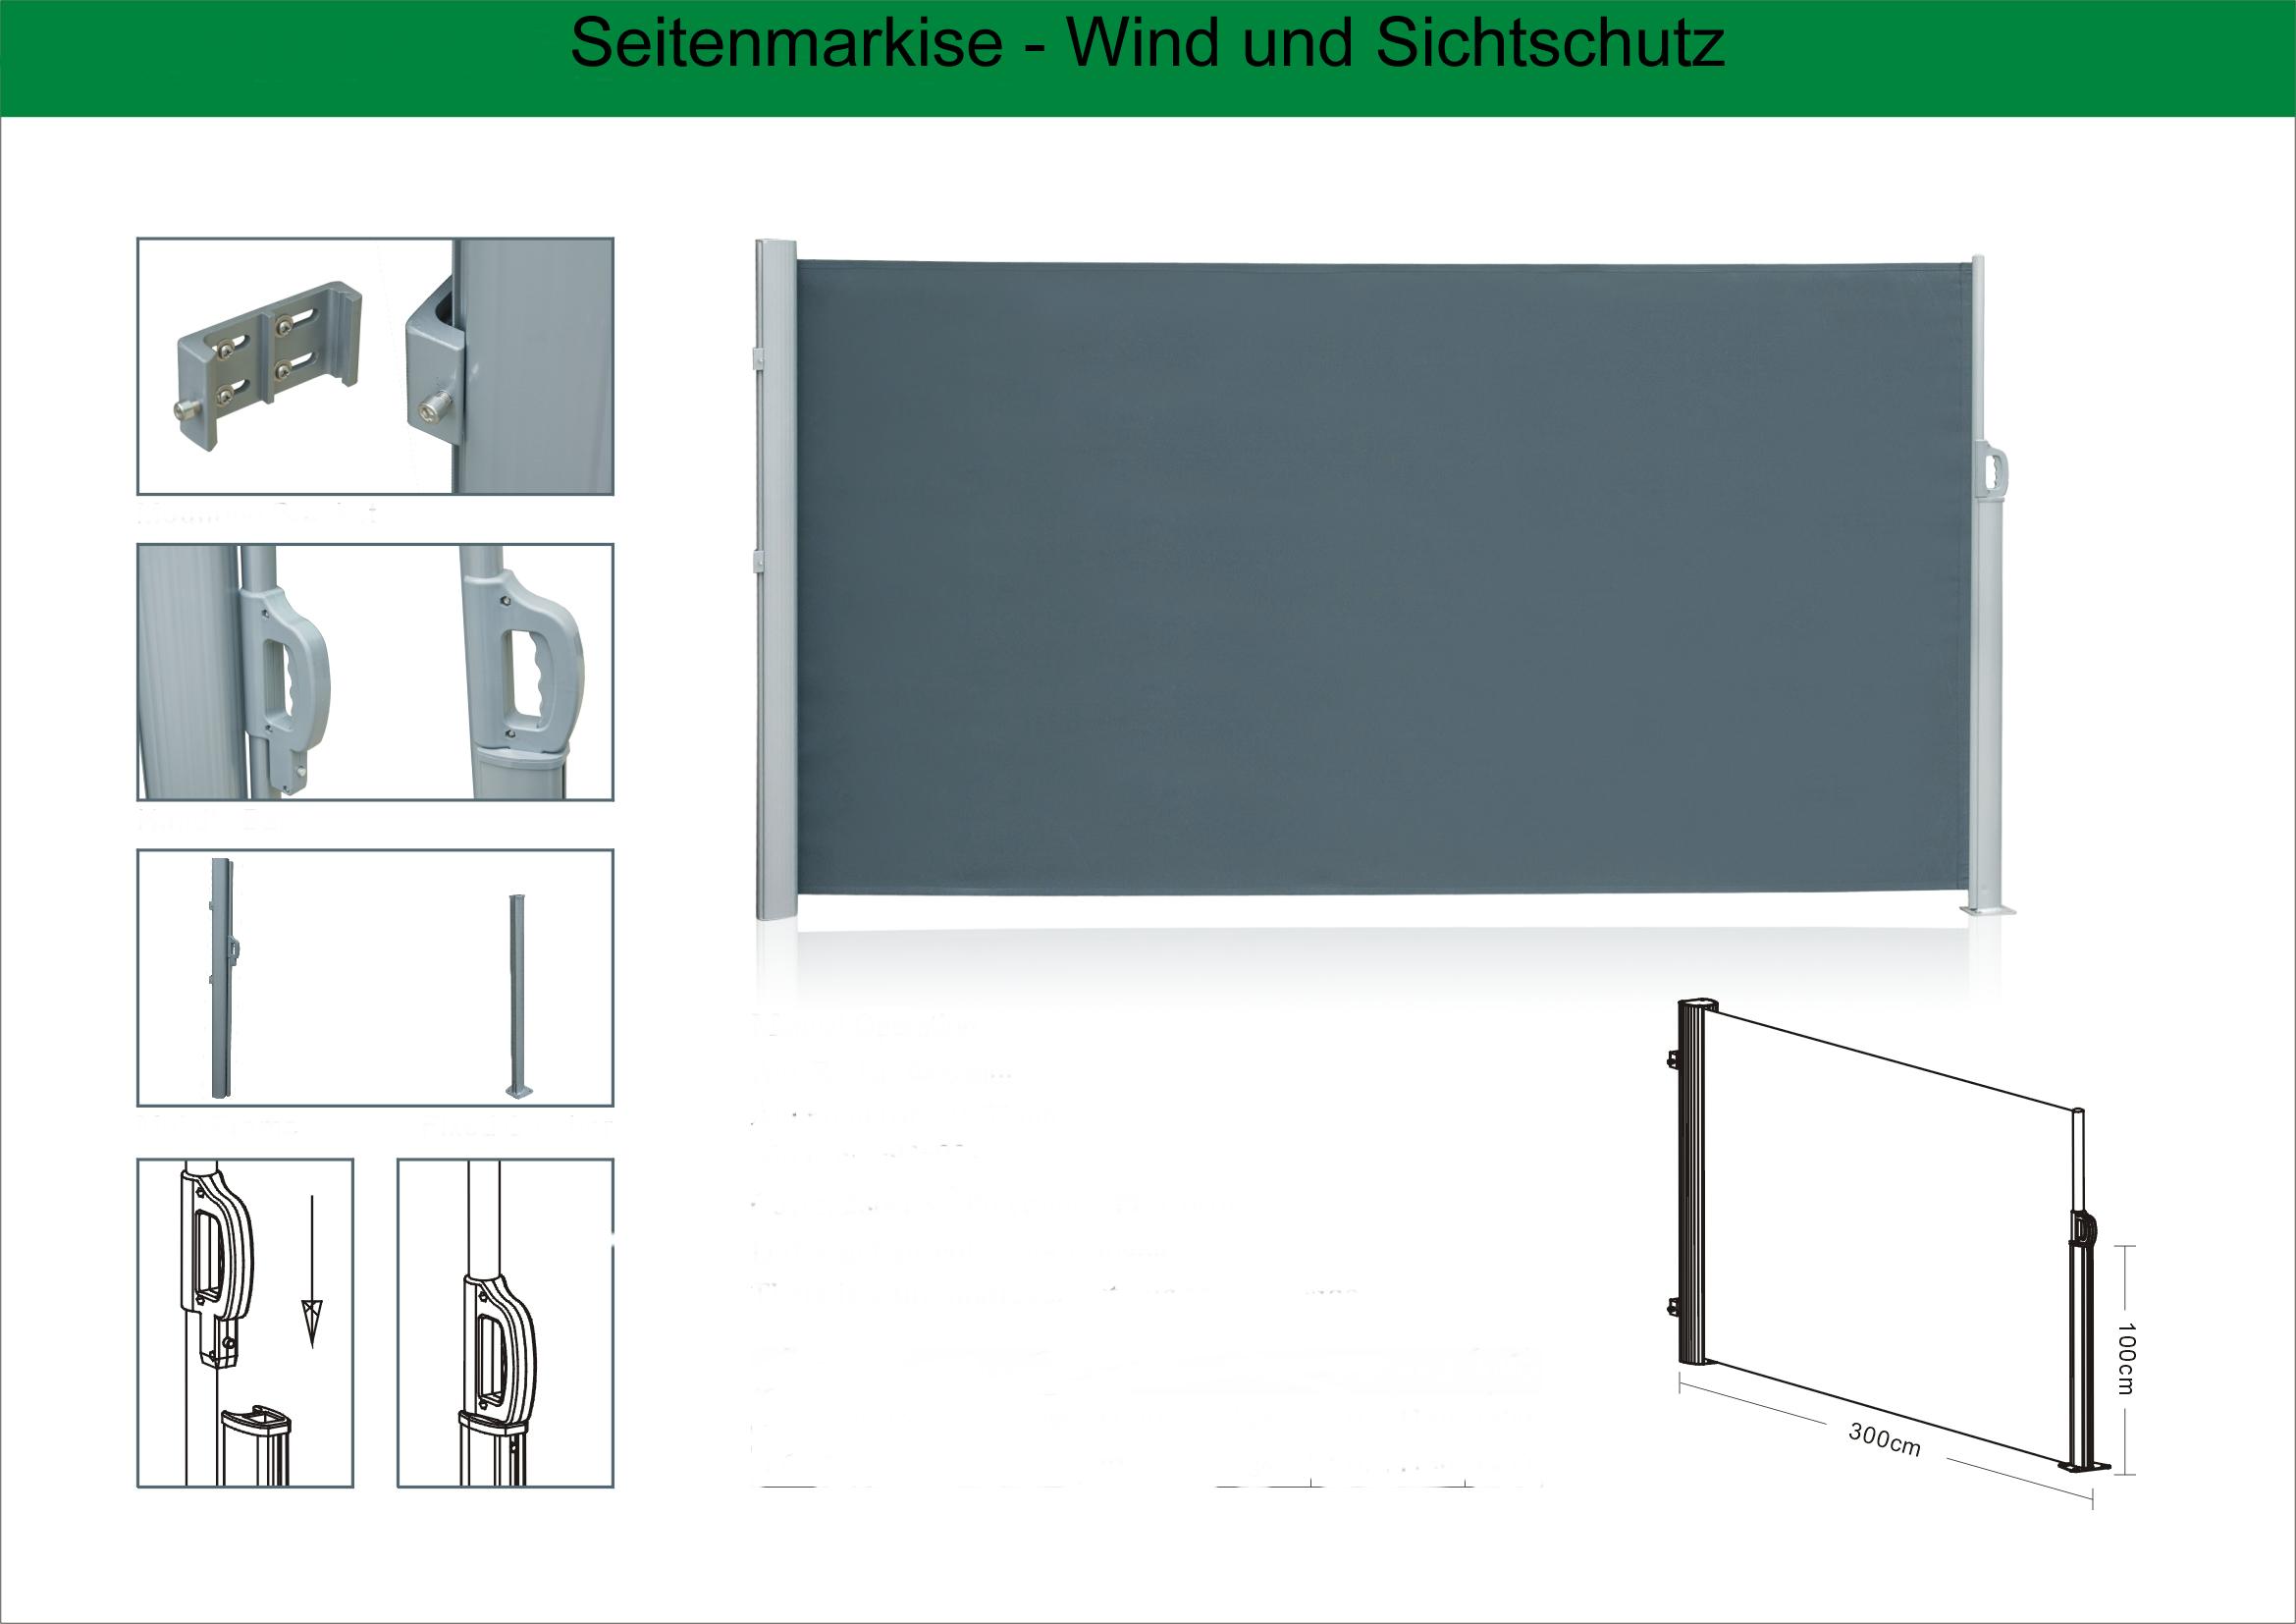 kassettenmarkise seitenmarkise sichtschutz windschutz. Black Bedroom Furniture Sets. Home Design Ideas